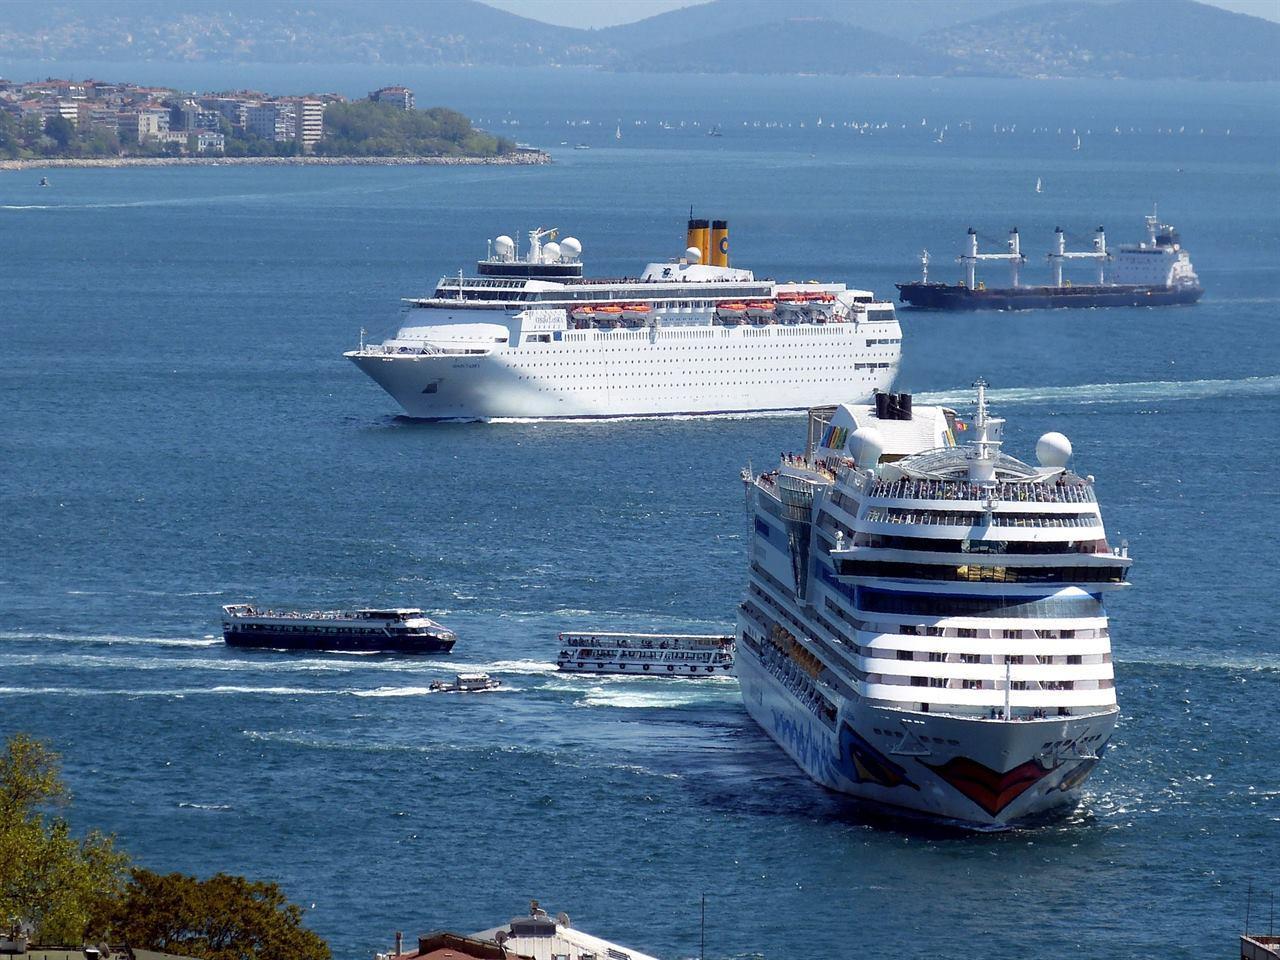 Море круиз в Стамбуле